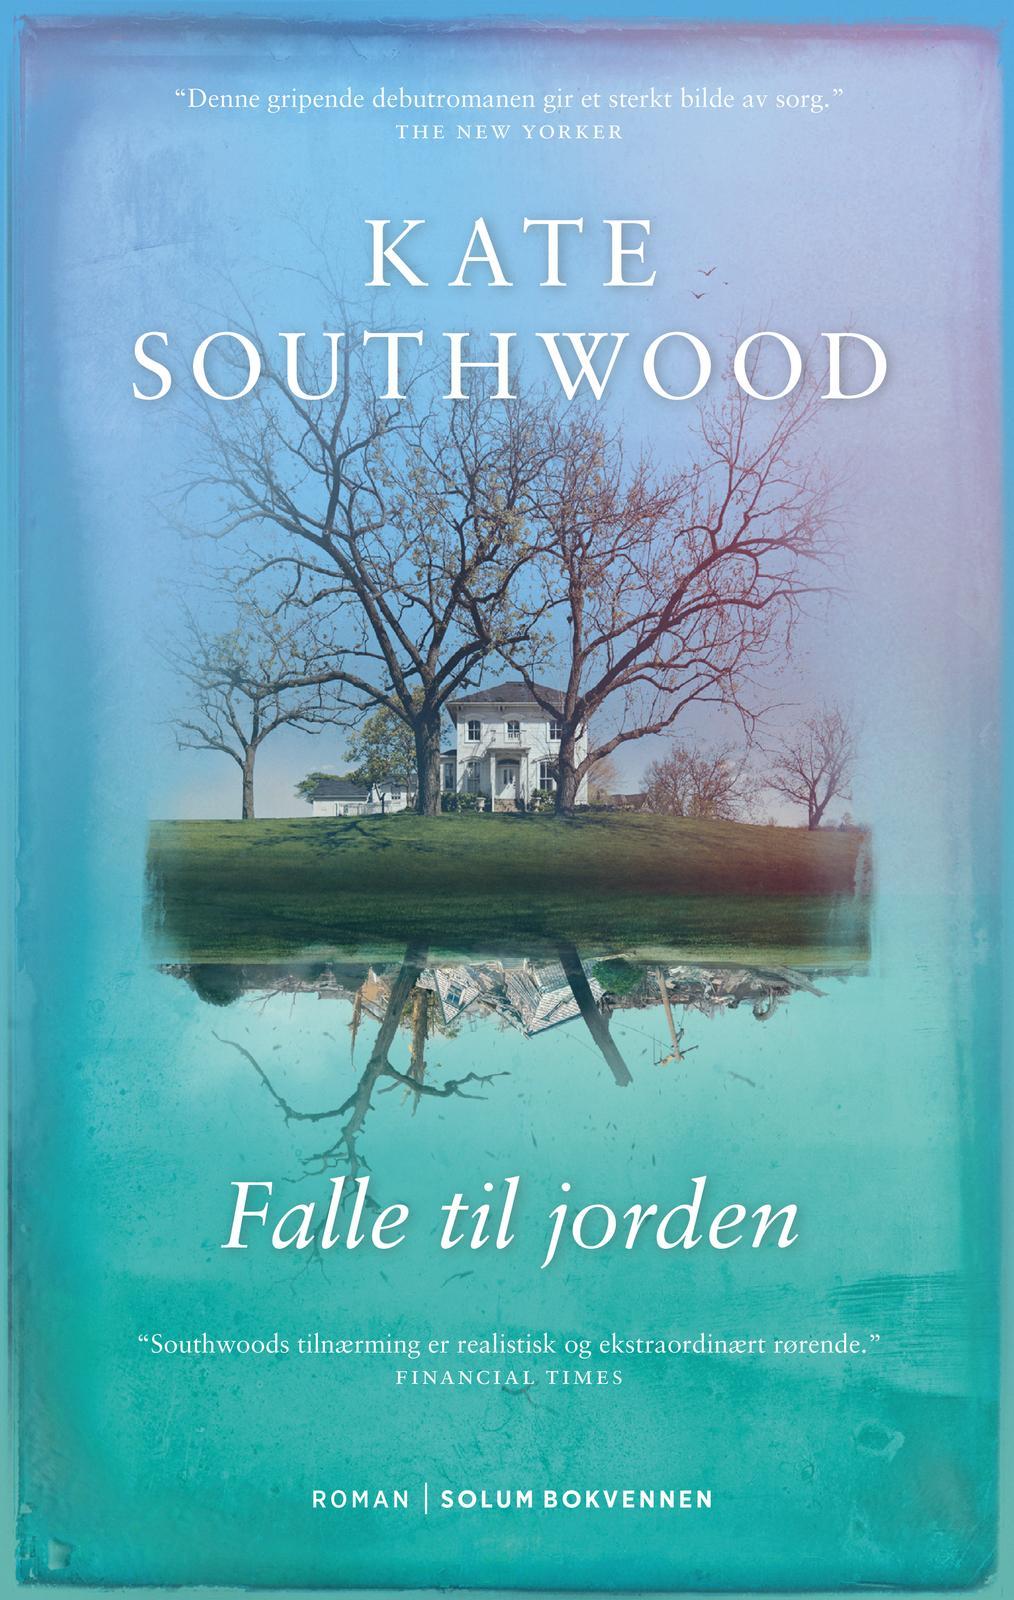 """""""Falle til jorden - roman"""" av Kate Southwood"""